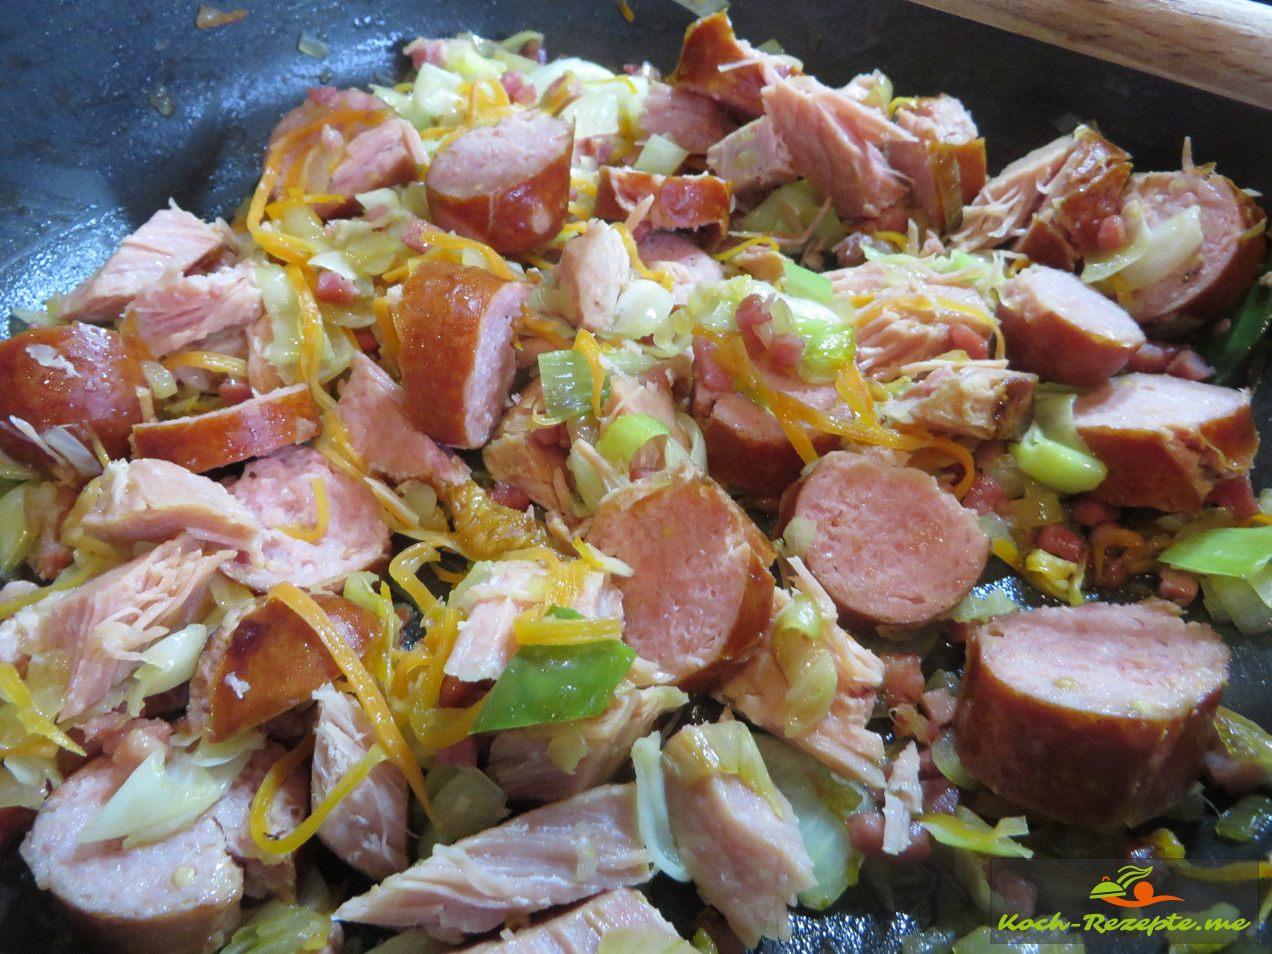 Jetzt kommt das Gemüse und Fleisch  in den Eintopf